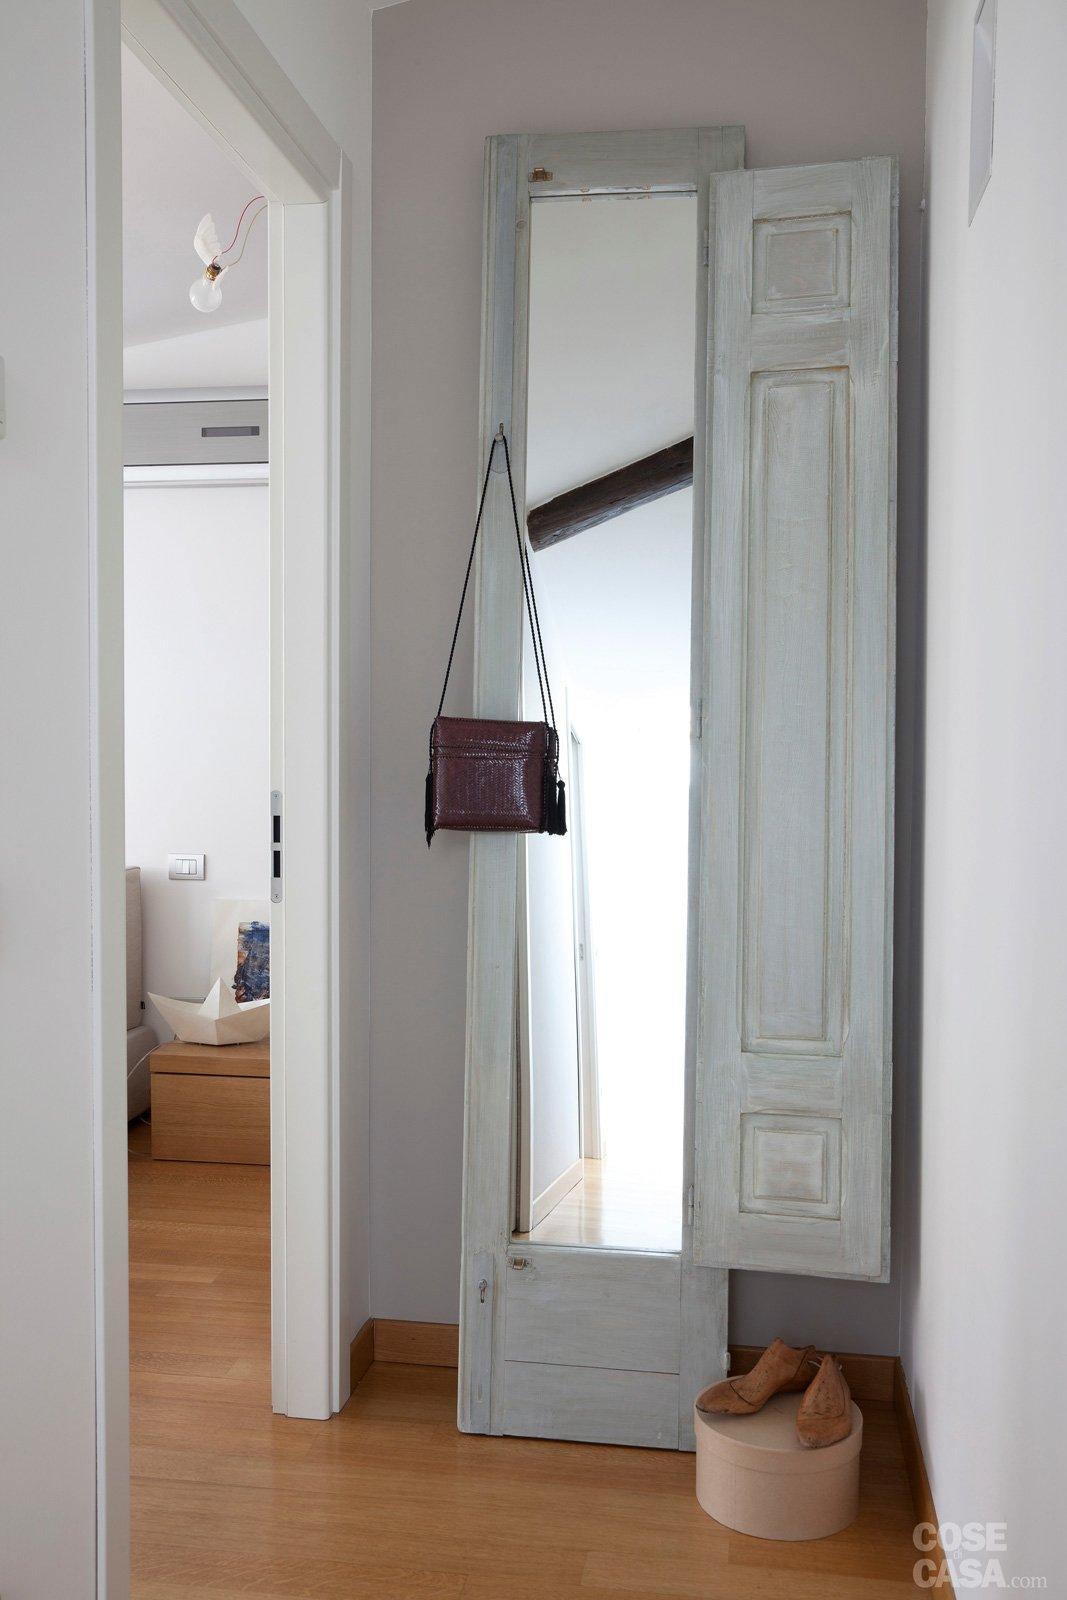 Una casa da copiare 10 idee tra spunti d 39 arredo e decor for Una casa con cornice libera